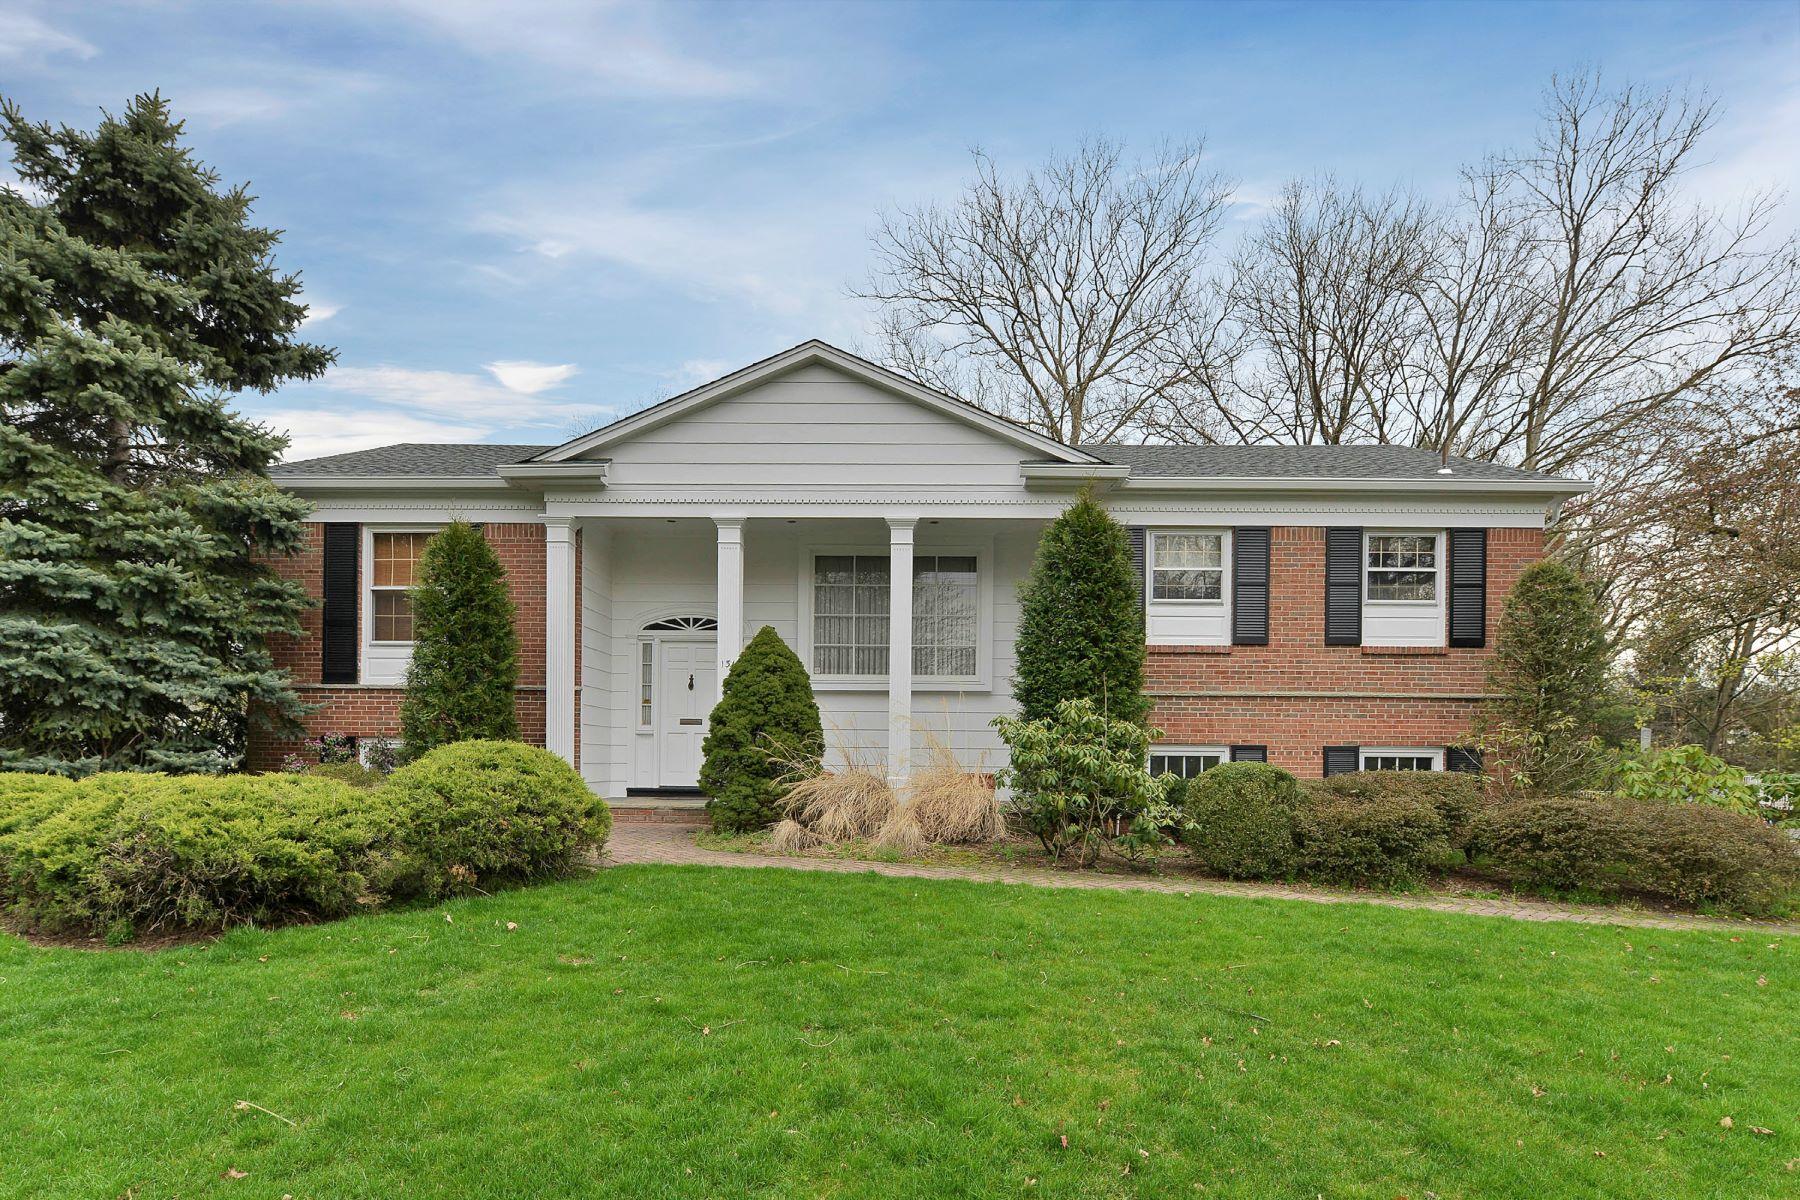 Casa Unifamiliar por un Venta en Custom Built Glen Rock Beauty! 134 Lowell Road Glen Rock, Nueva Jersey 07452 Estados Unidos